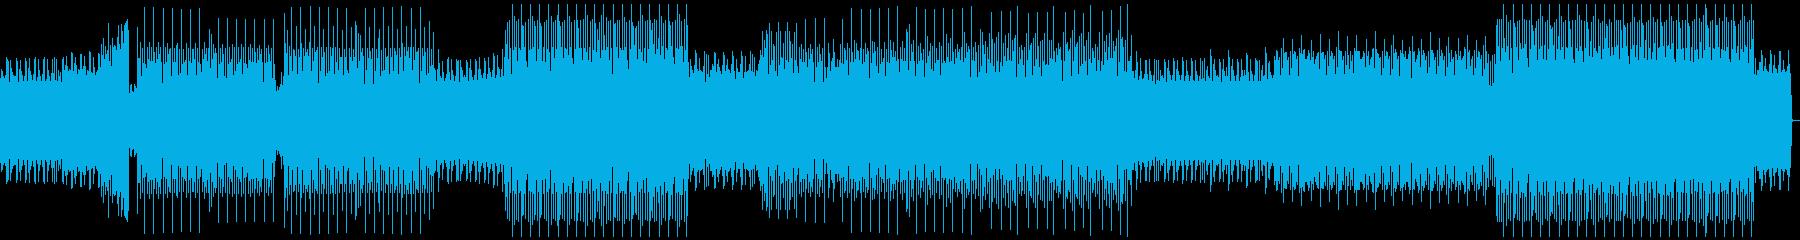 ループミュージック!リズミカルなハウスの再生済みの波形